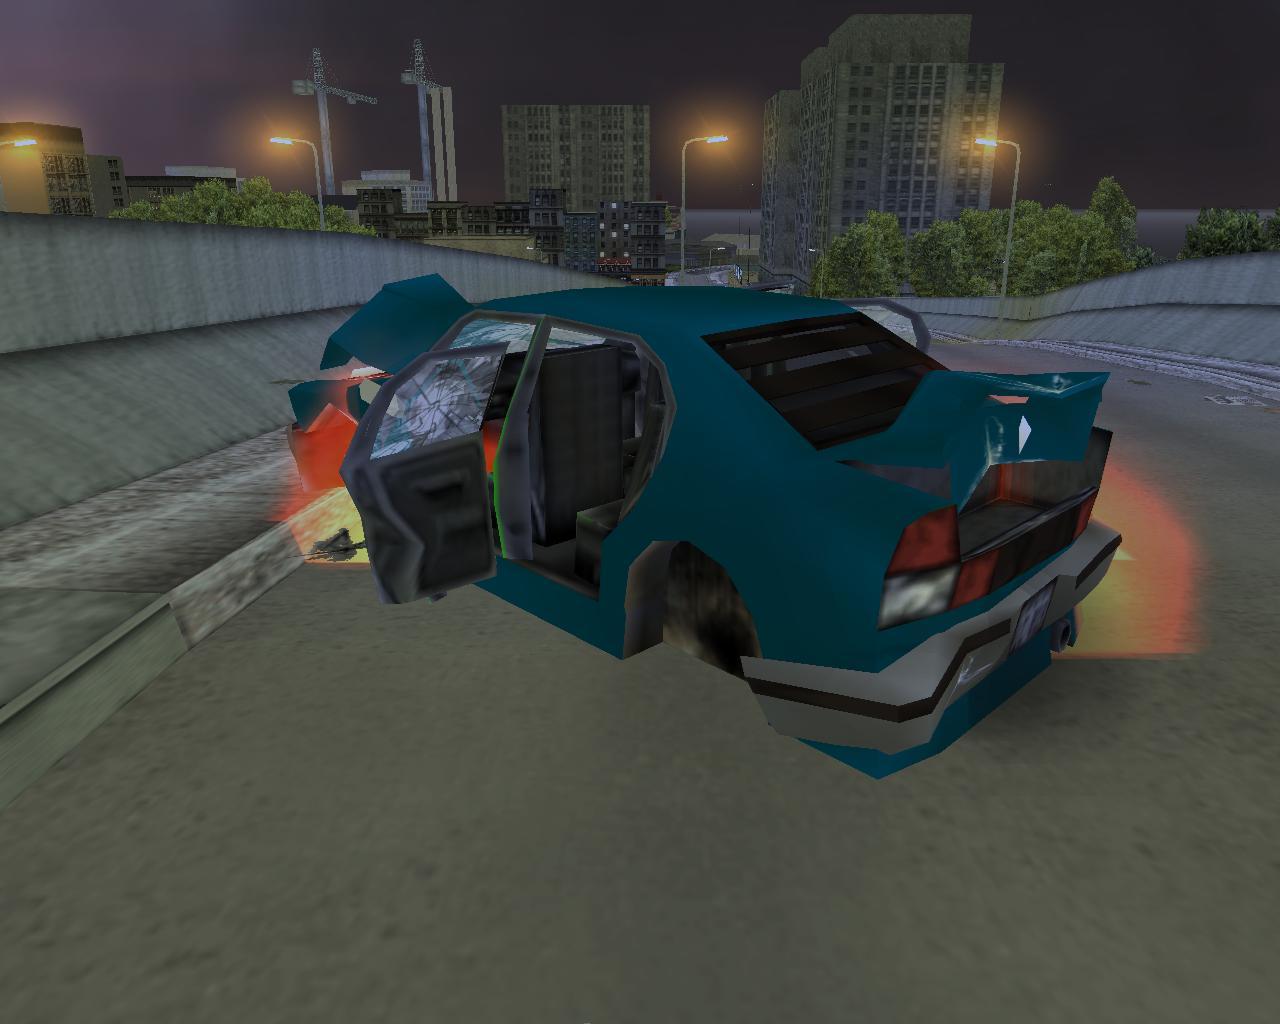 35. Mafia Sentinel (Ghost) - Grand Theft Auto 3